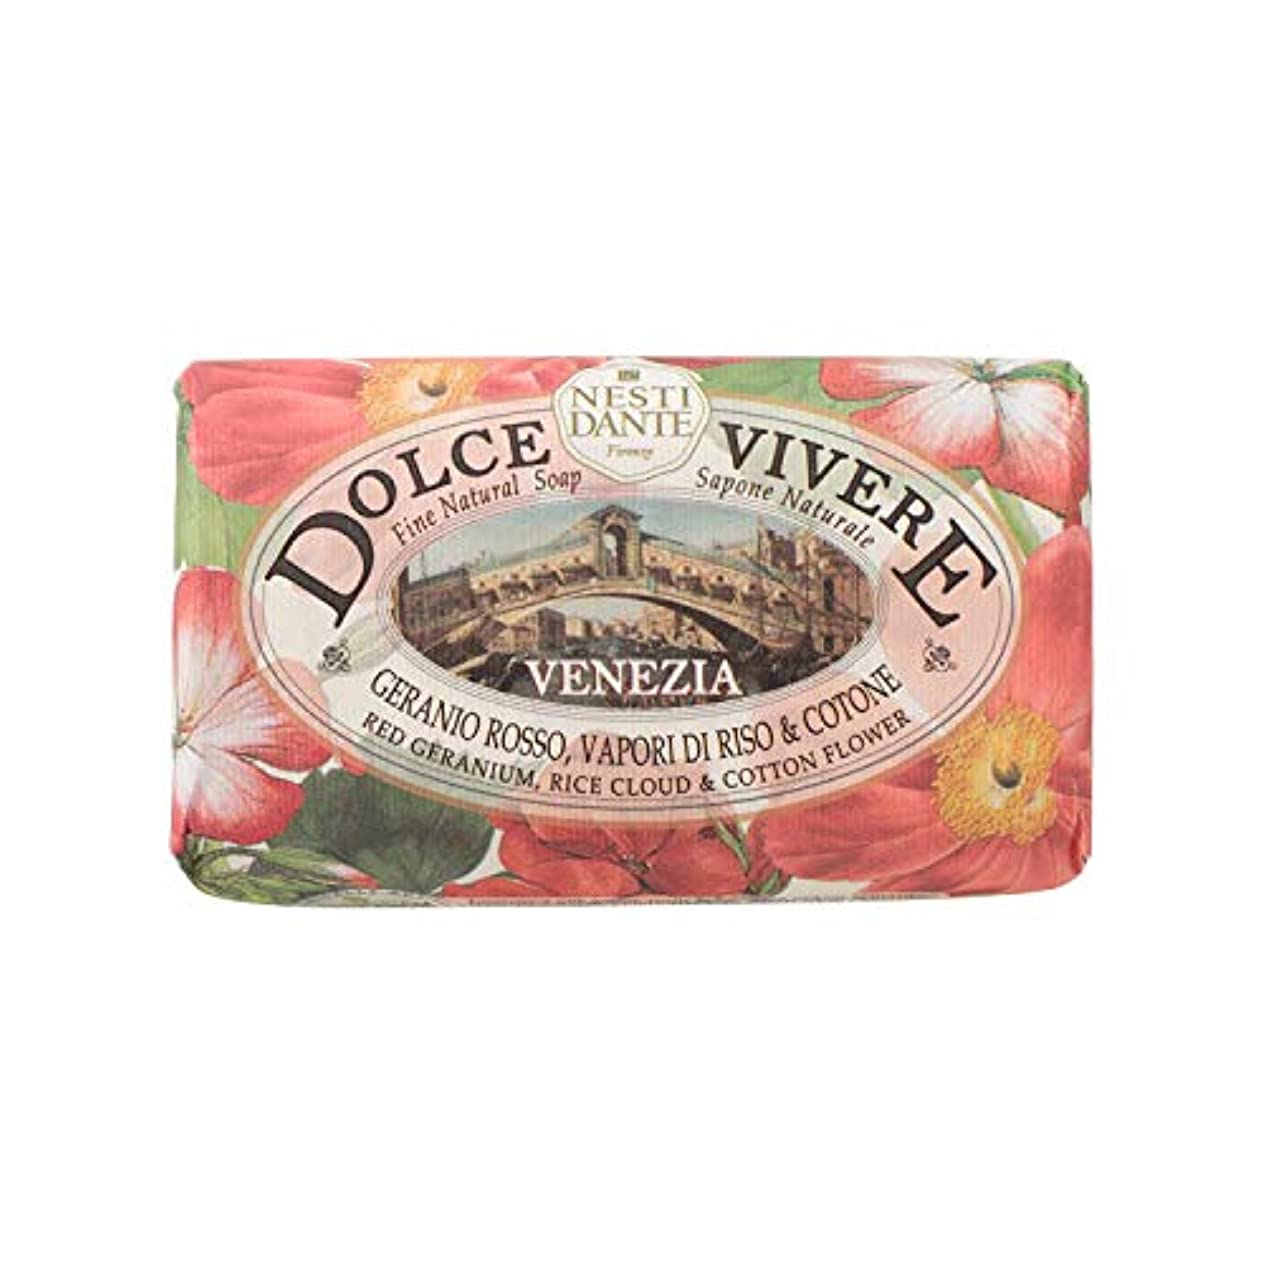 半円険しいケイ素Nesti Dante ネスティダンテ ドルチェヴィーベレソープ ヴェネツィア 250g